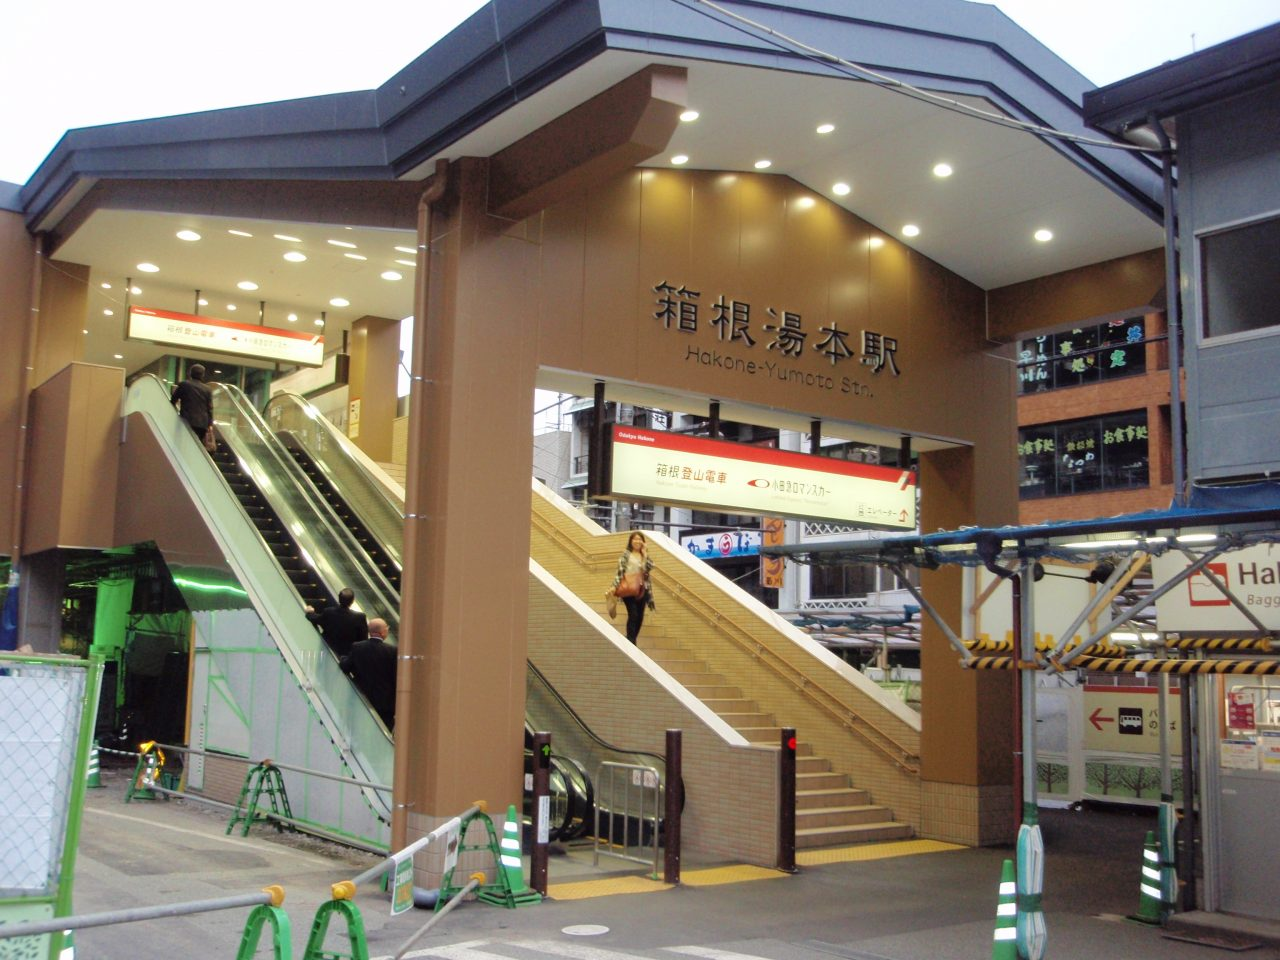 箱根、強羅温泉で本に囲まれ眠りに落ちる「箱根本箱」2018年春オープン